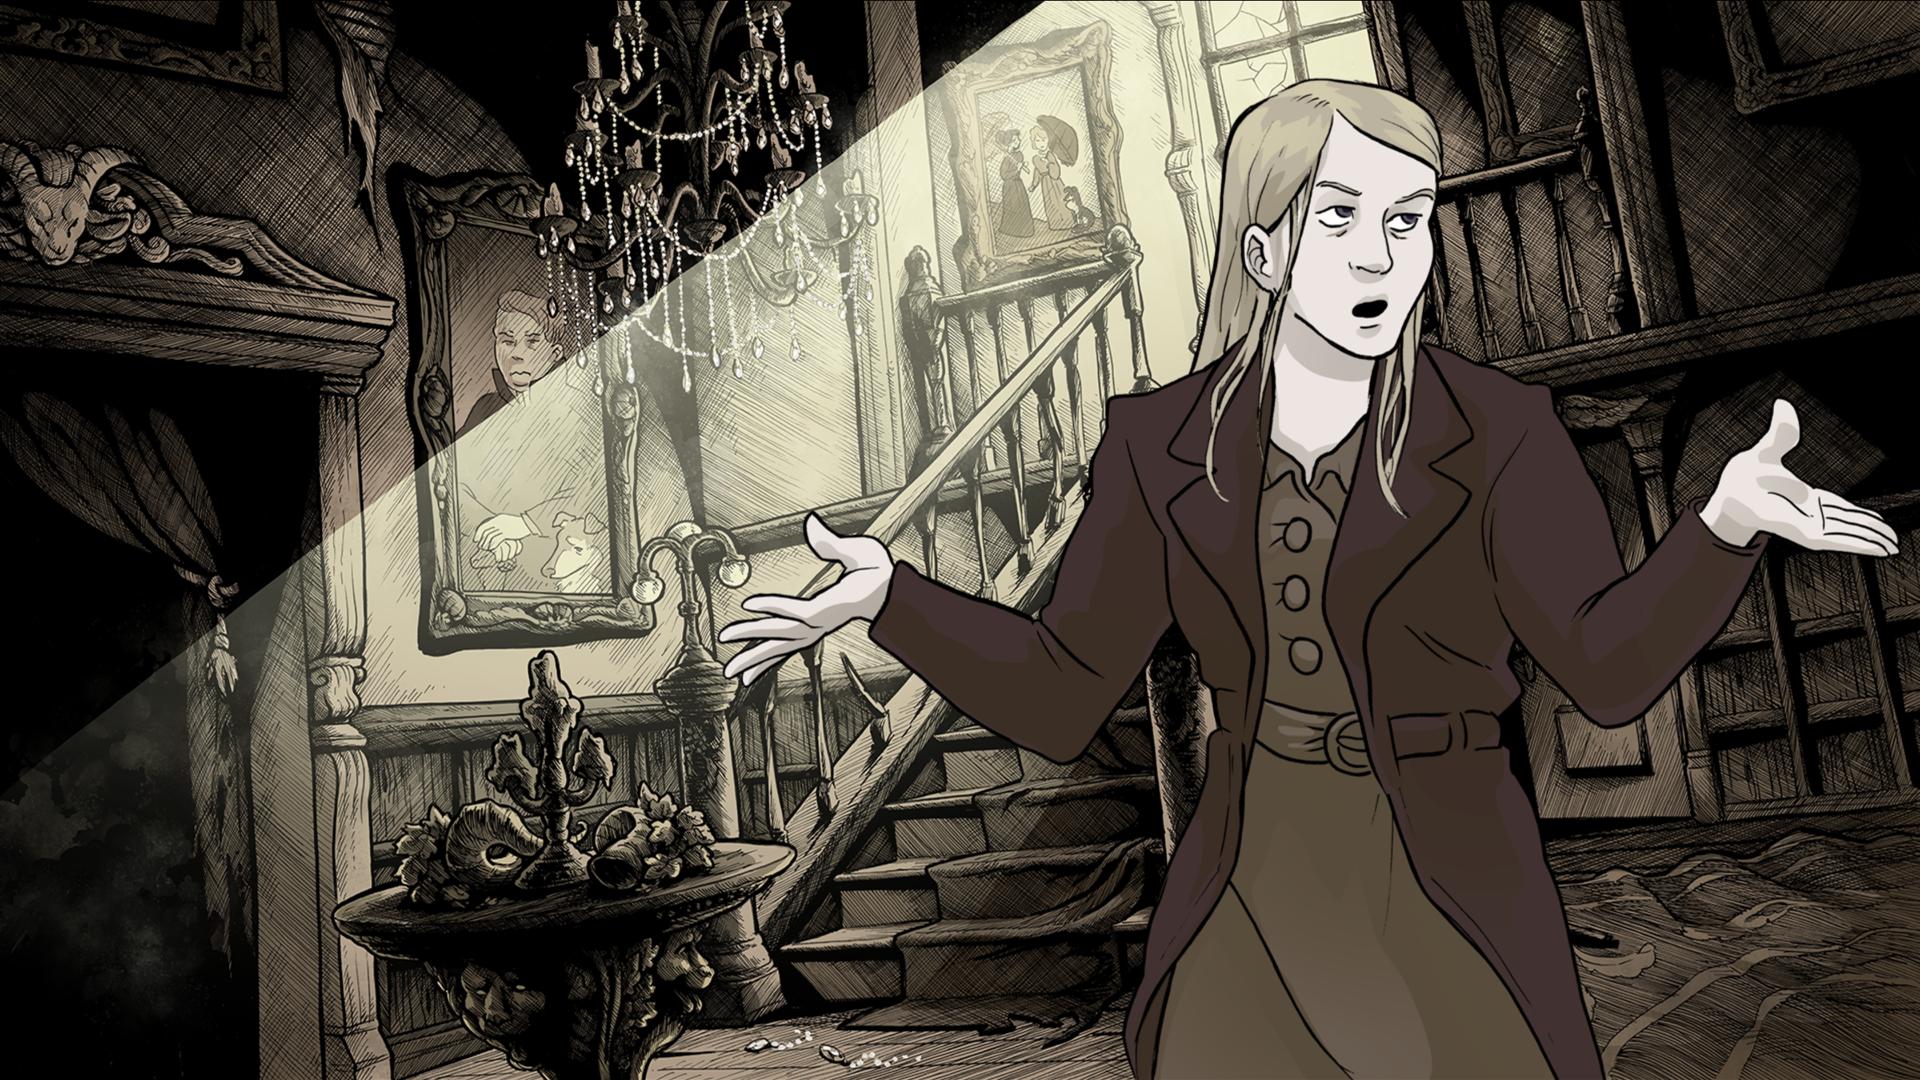 Abby Howard и Anthony Arias собрали на Kickstarter €43k на разработку визуальной новеллы в жанре хоррор